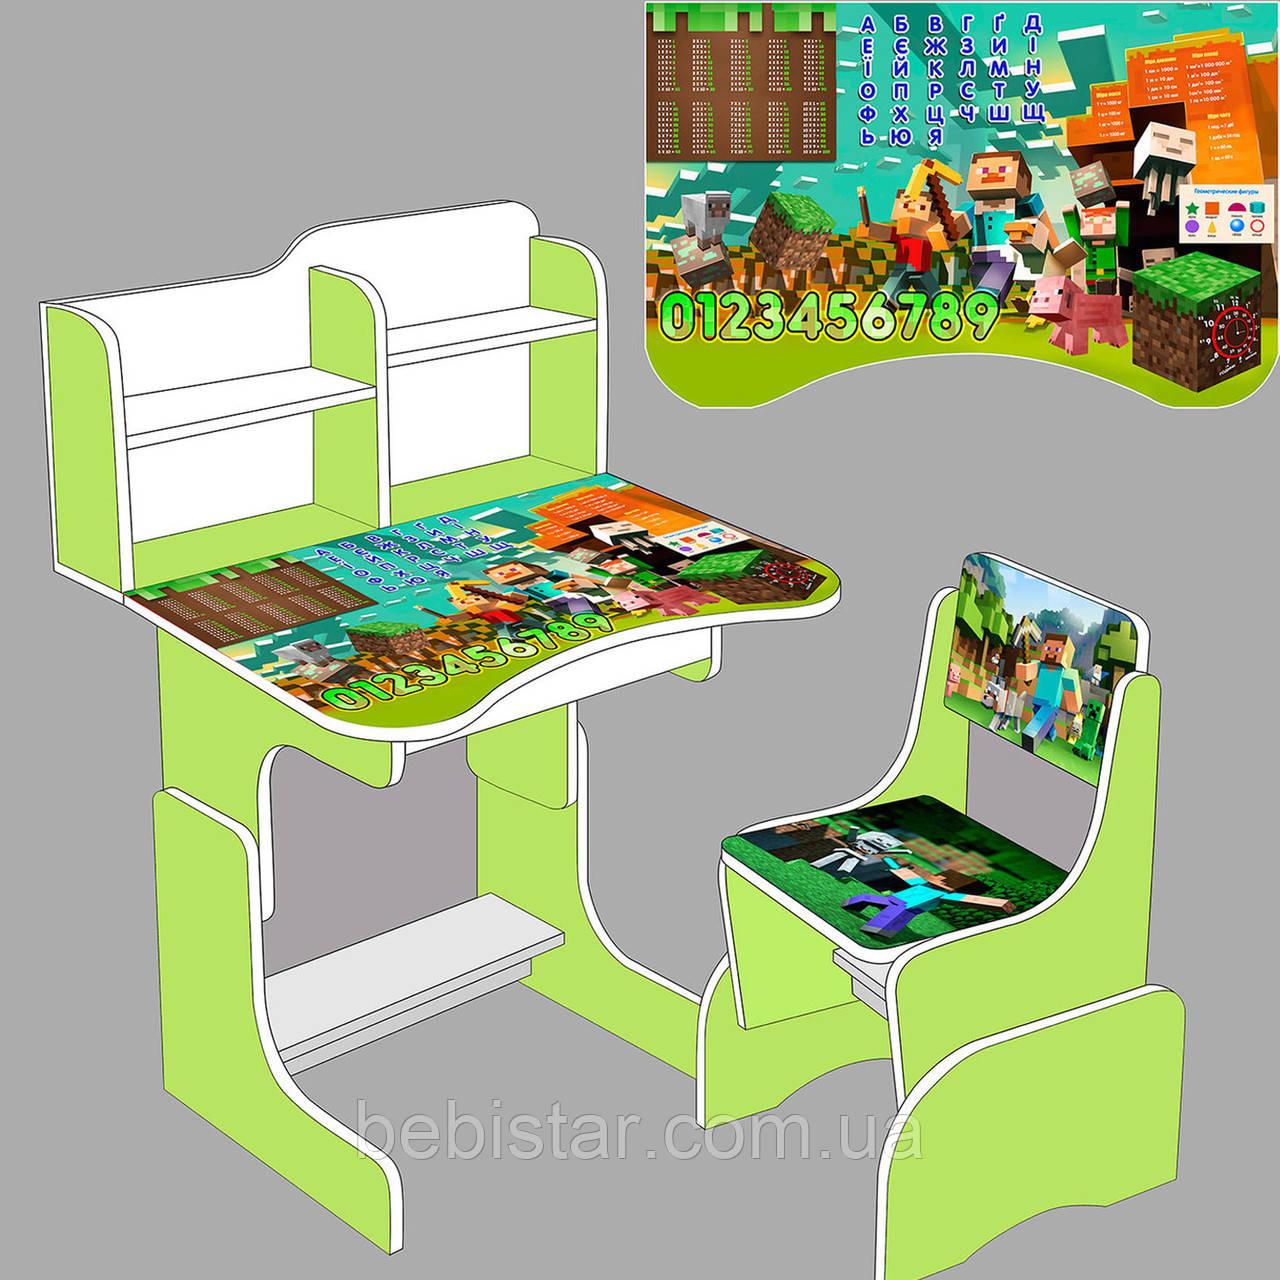 """Детская парта со стульчиком цвет салатовый """"Майнкрафт"""" 69*45см"""